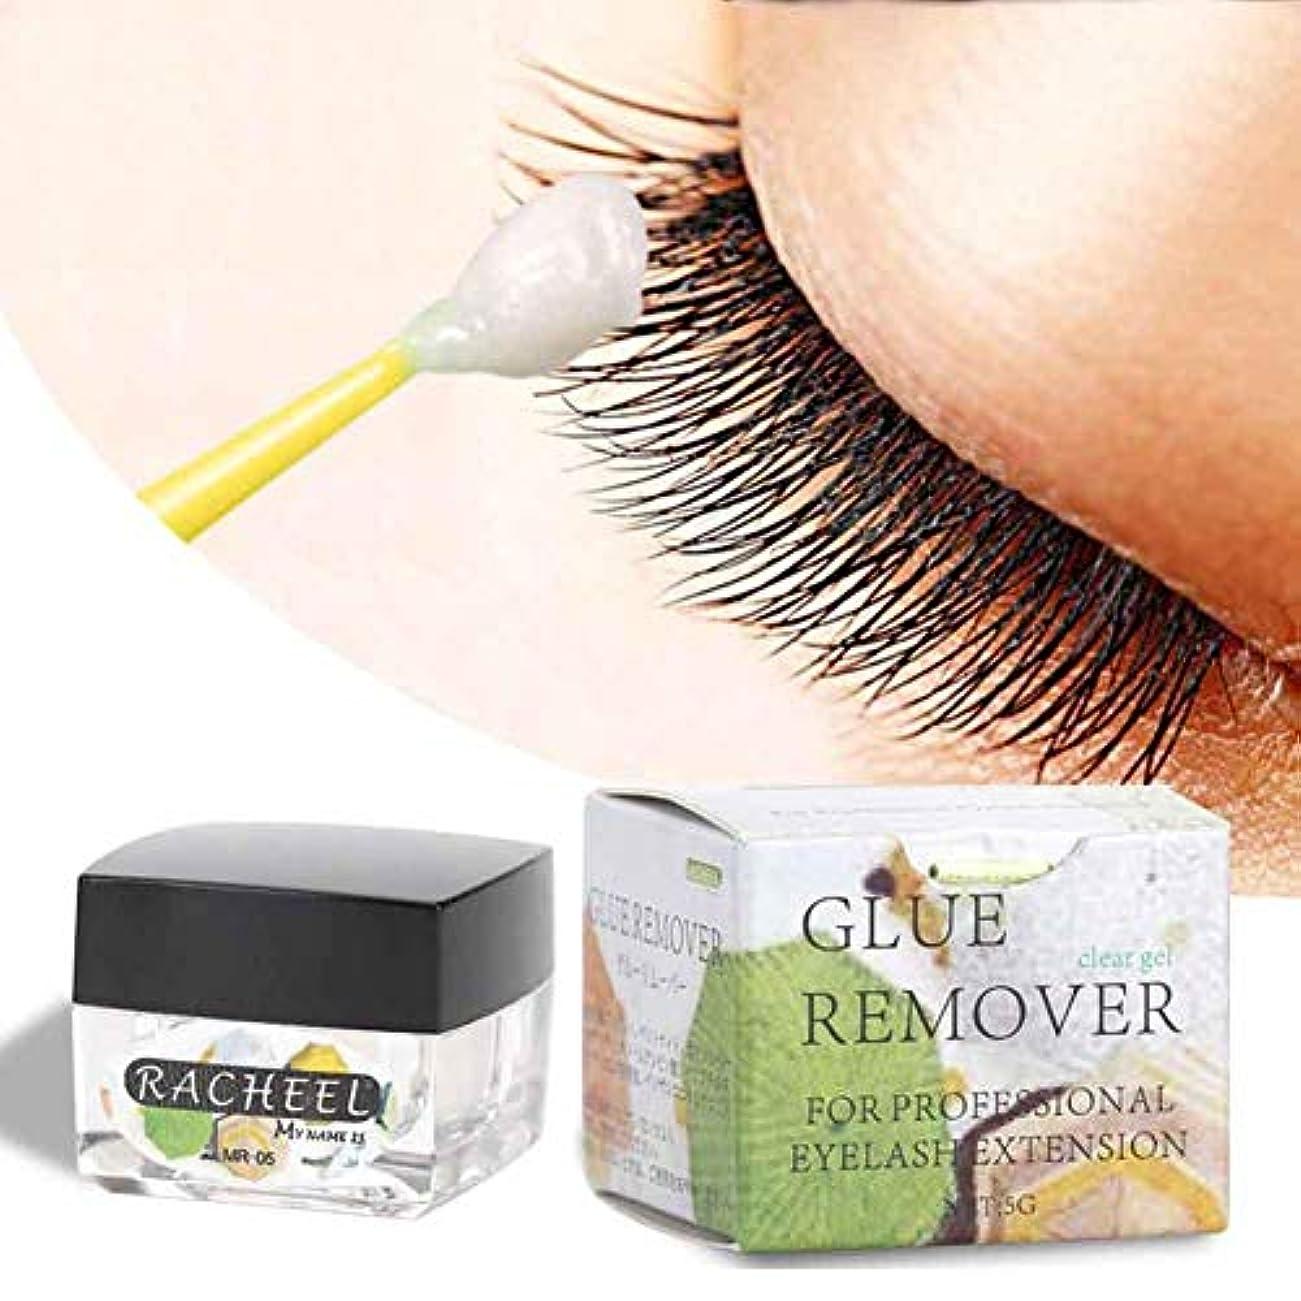 ナラーバーにおい慰めSILUN つけまつげ用接着剤リムーバー まつ毛除去剤 プロ用まつ毛クリームを除去するクリーム 抗刺激性グラフトまつげエクステンションリムーバー